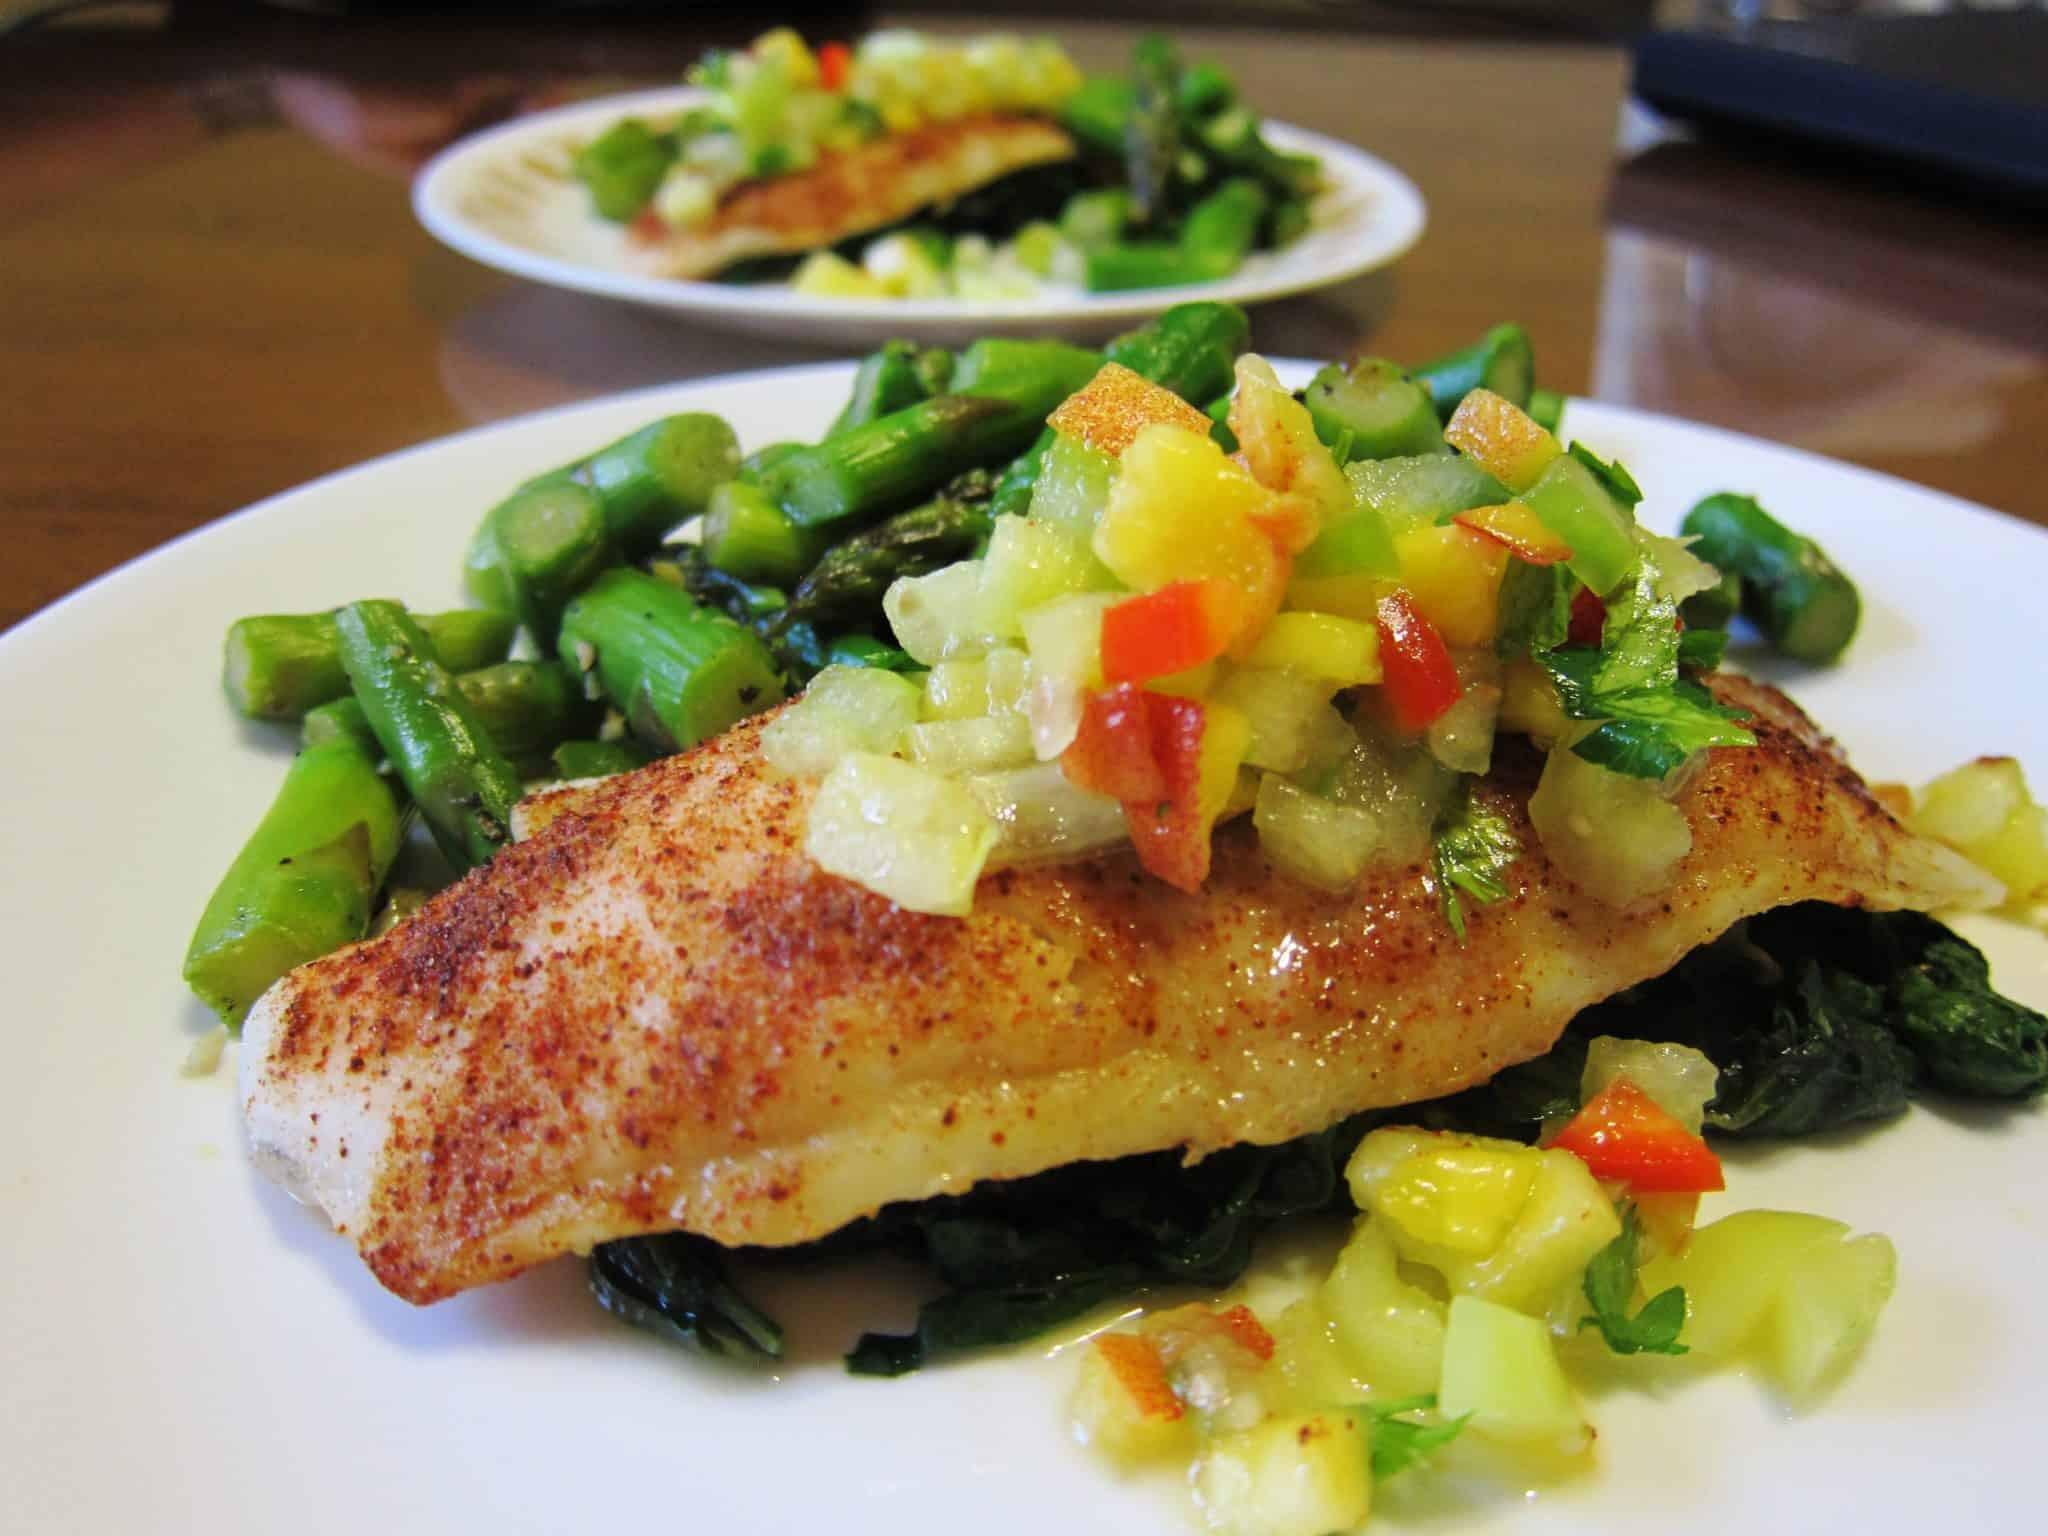 Swai Fish Recipes  Spice Rubbed Swai Fillets with Peach Tomatillo Relish